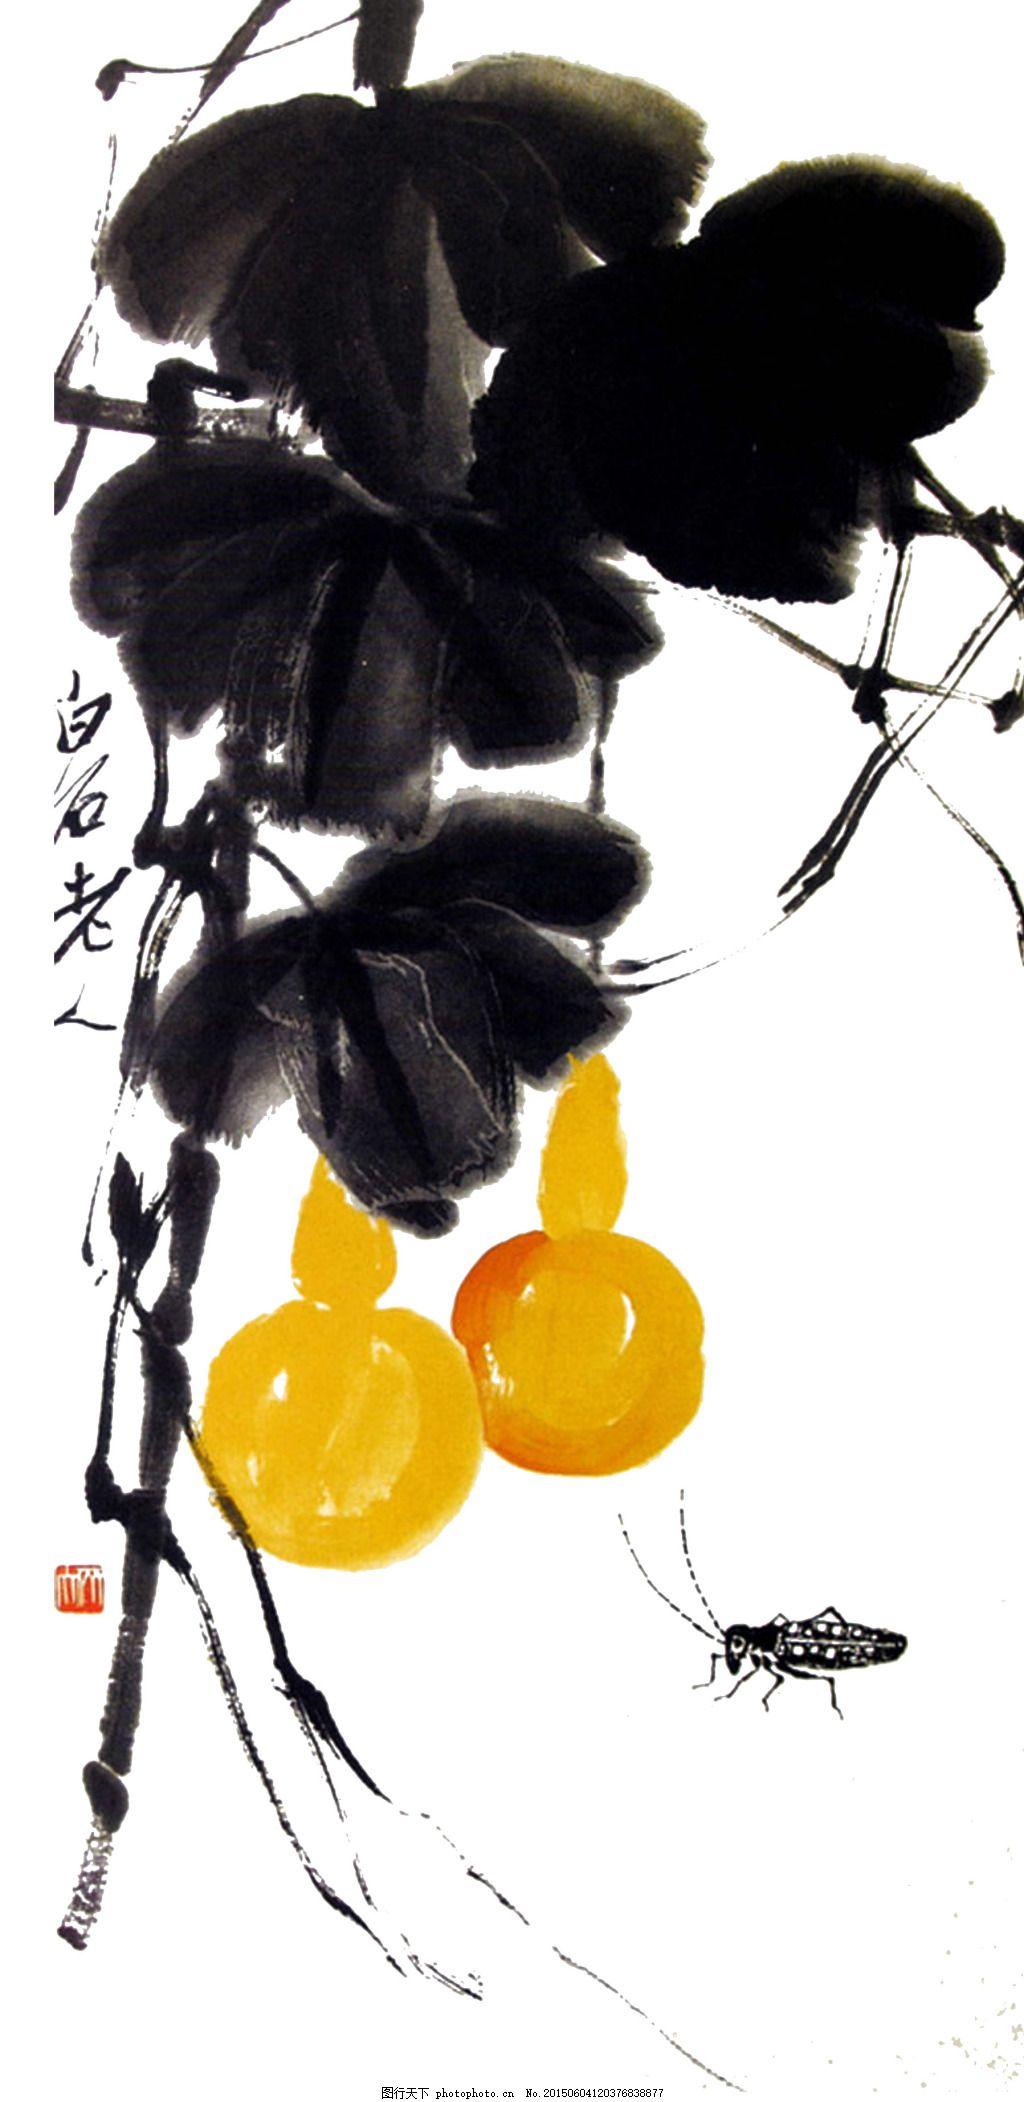 写意国画 齐白石画 国画 水墨画 水墨 写意画 书法 印章 葫芦 古人画